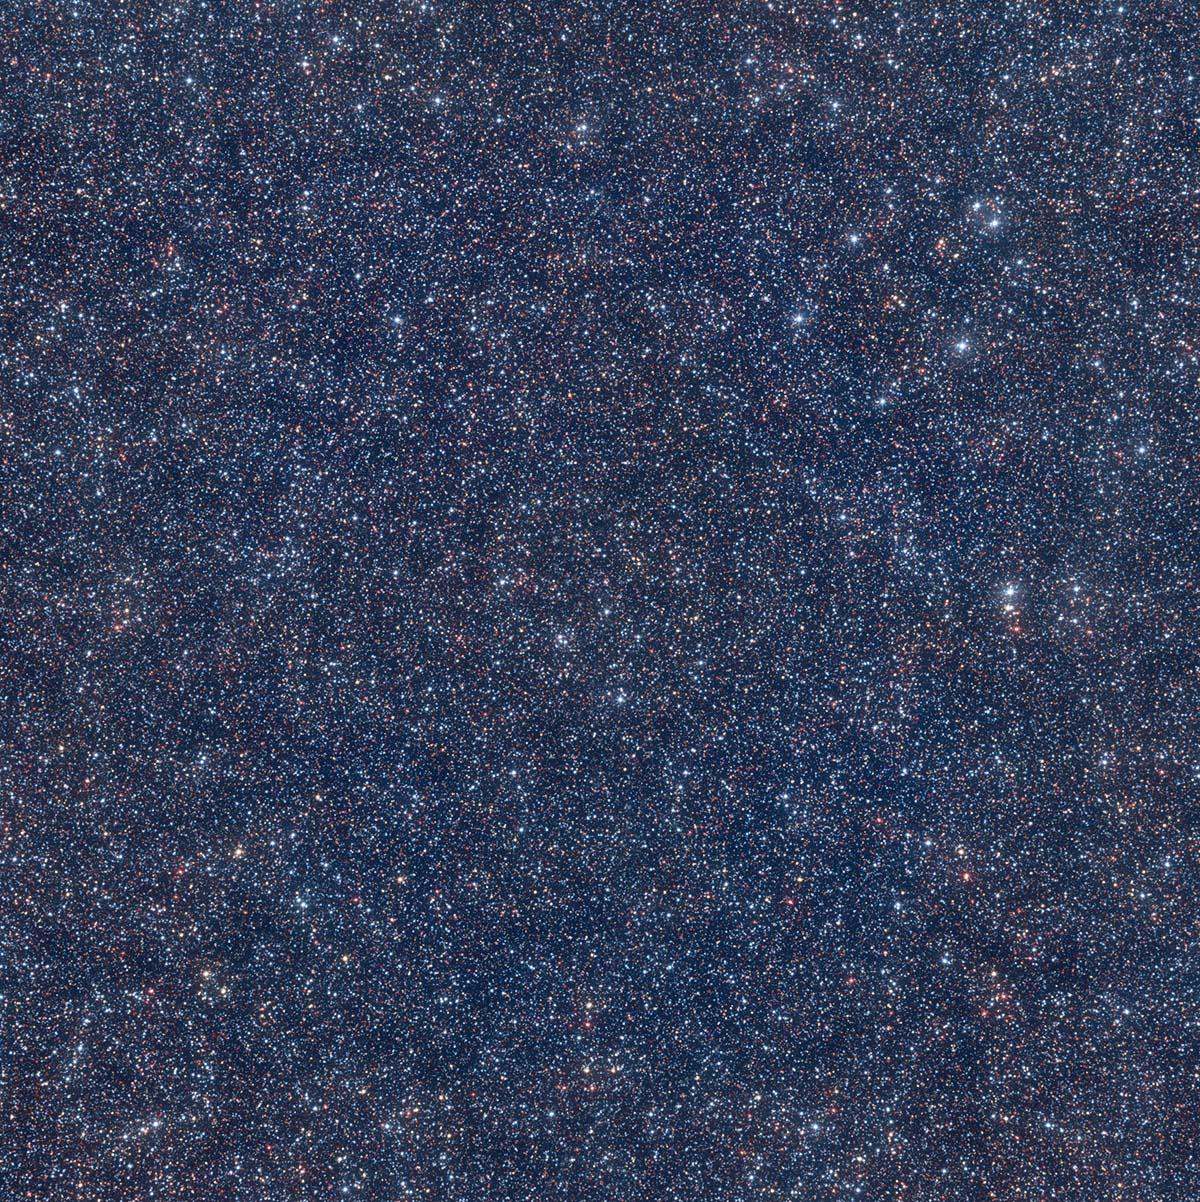 Звёзды, Ночь, Телескоп, Константин Миронов